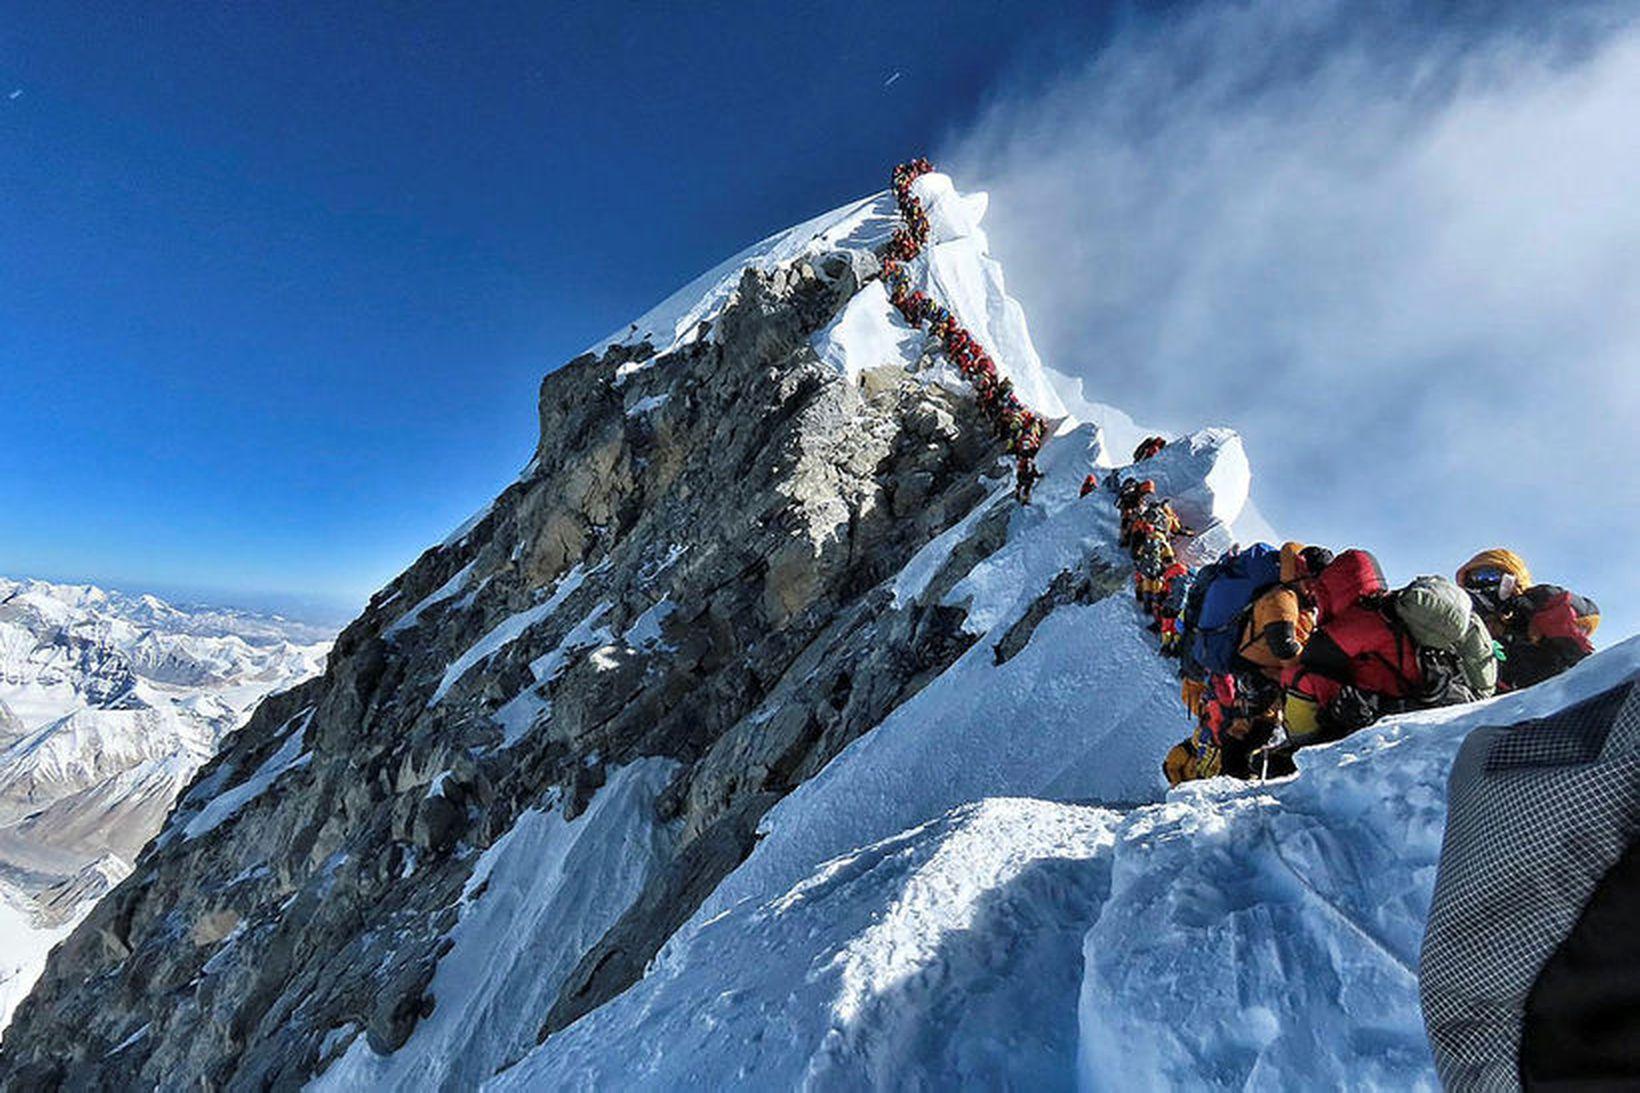 Eins og sjá má var biðröðin upp á Everest löng …